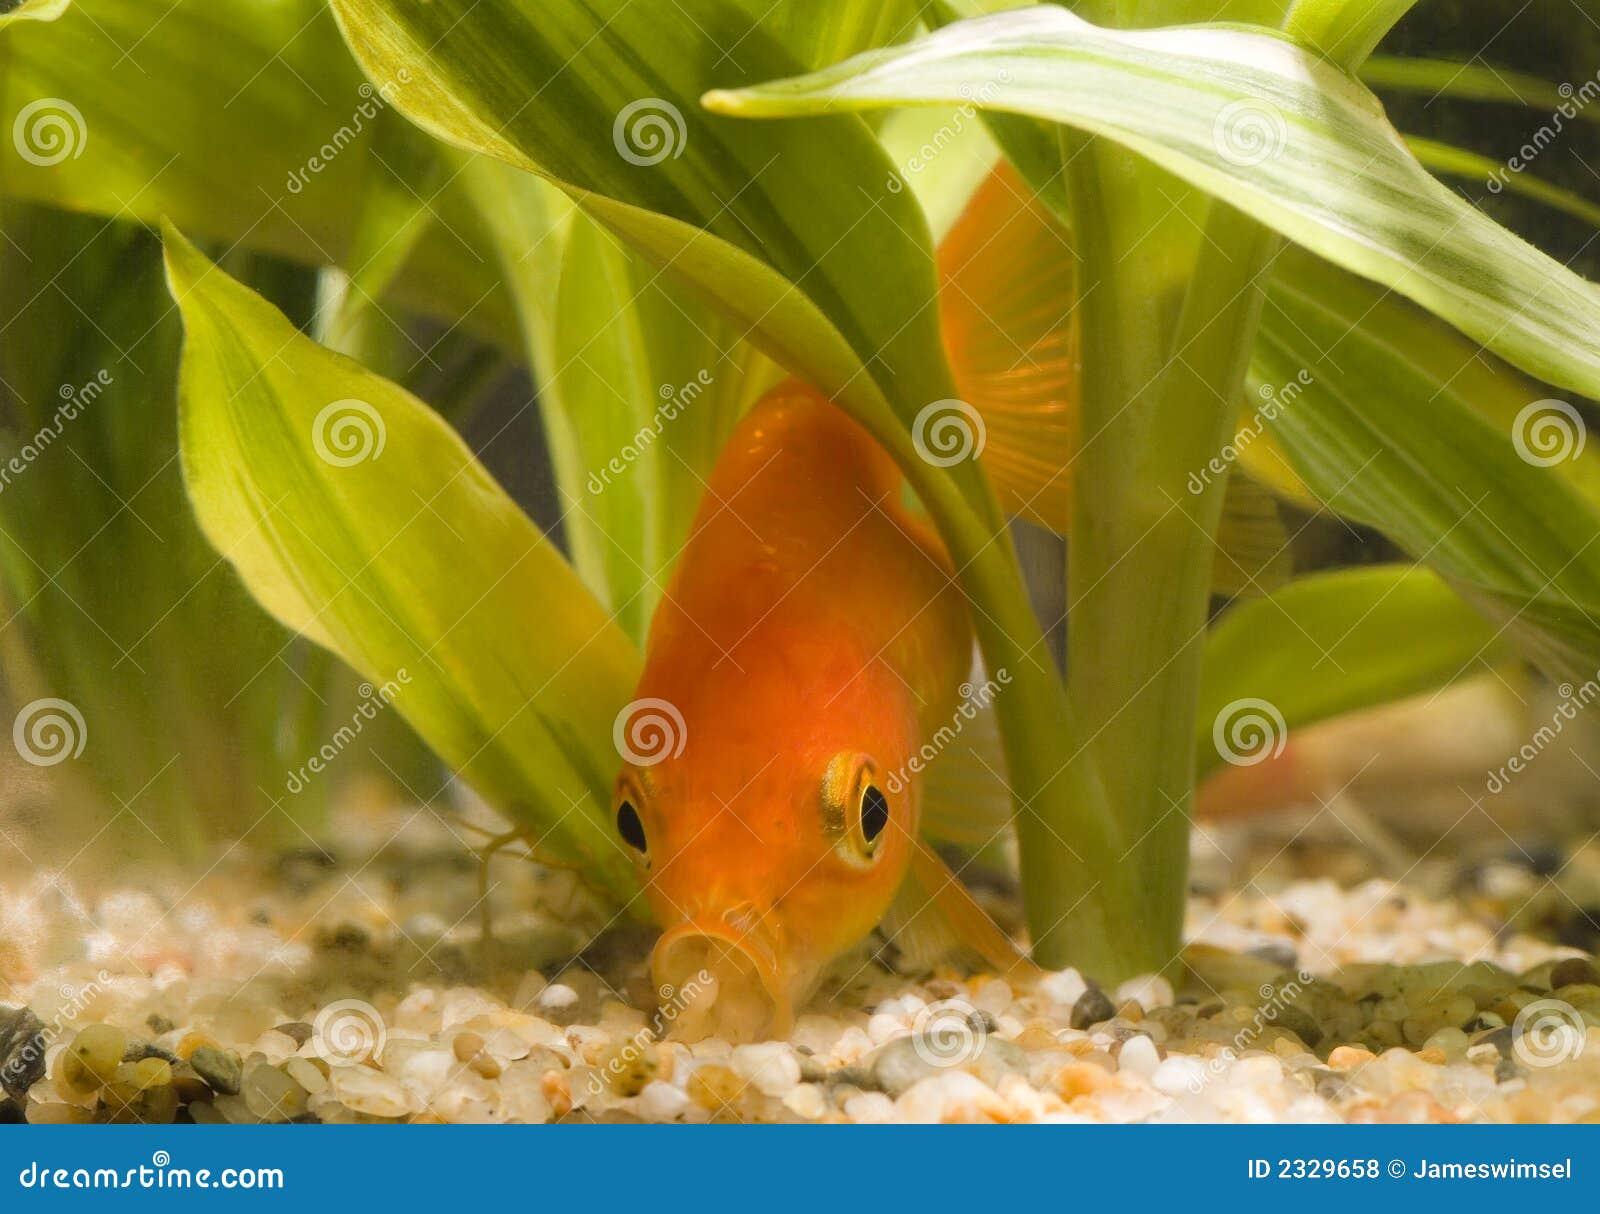 Goldfish Eating 01 Royalty Free Stock Photos Image 2329658